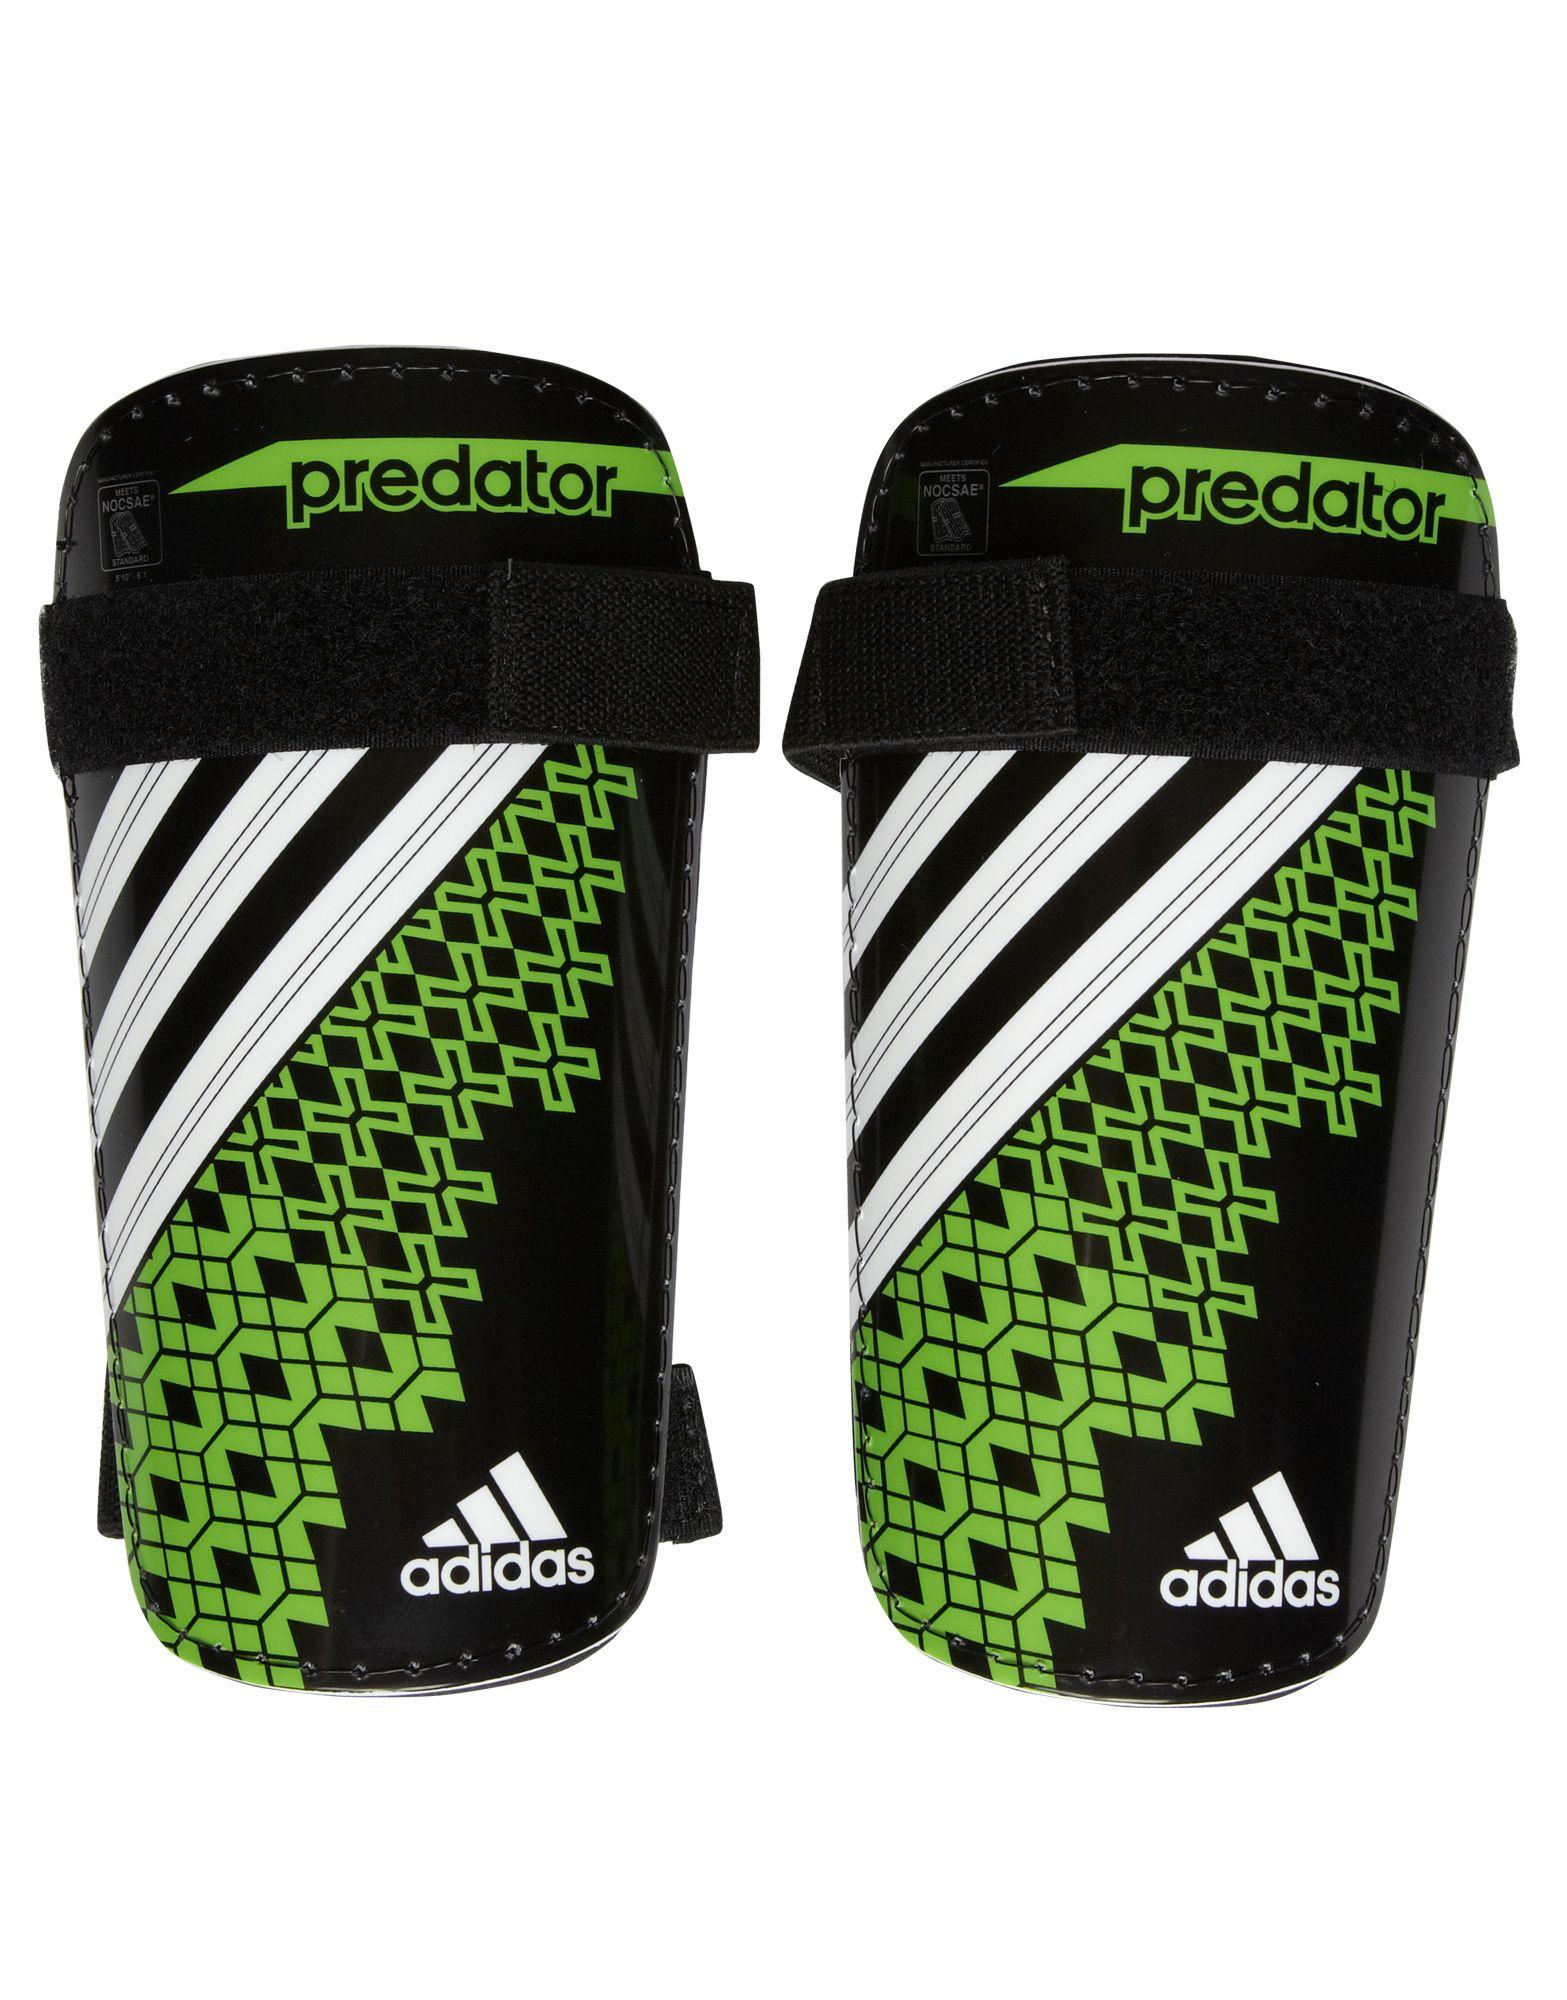 adidas Predator Lite Shin Guards